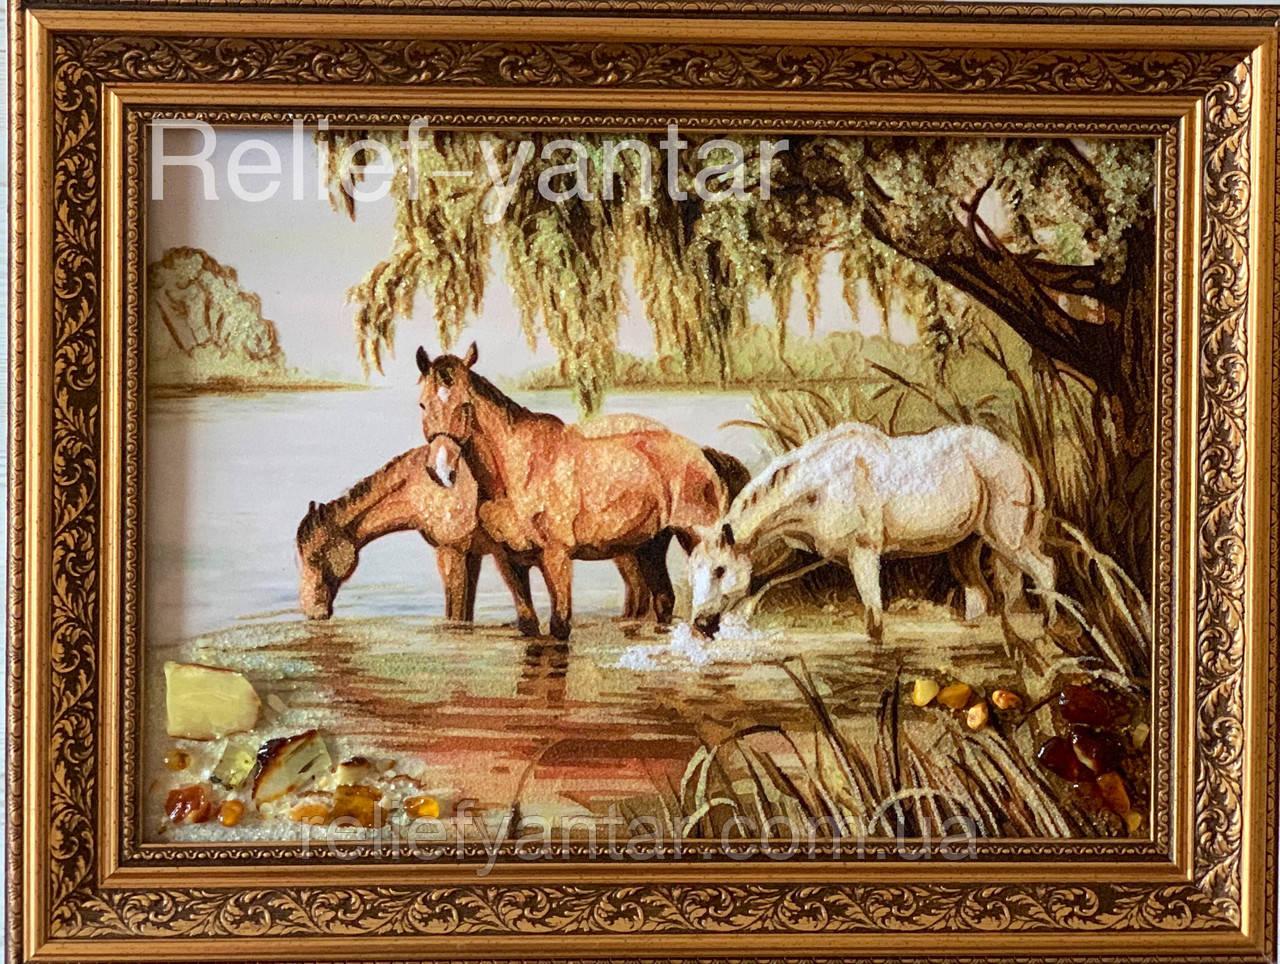 Картина з янтаря Лошади у водопоя, картина з бурштину коні біля водойми 30x40 см